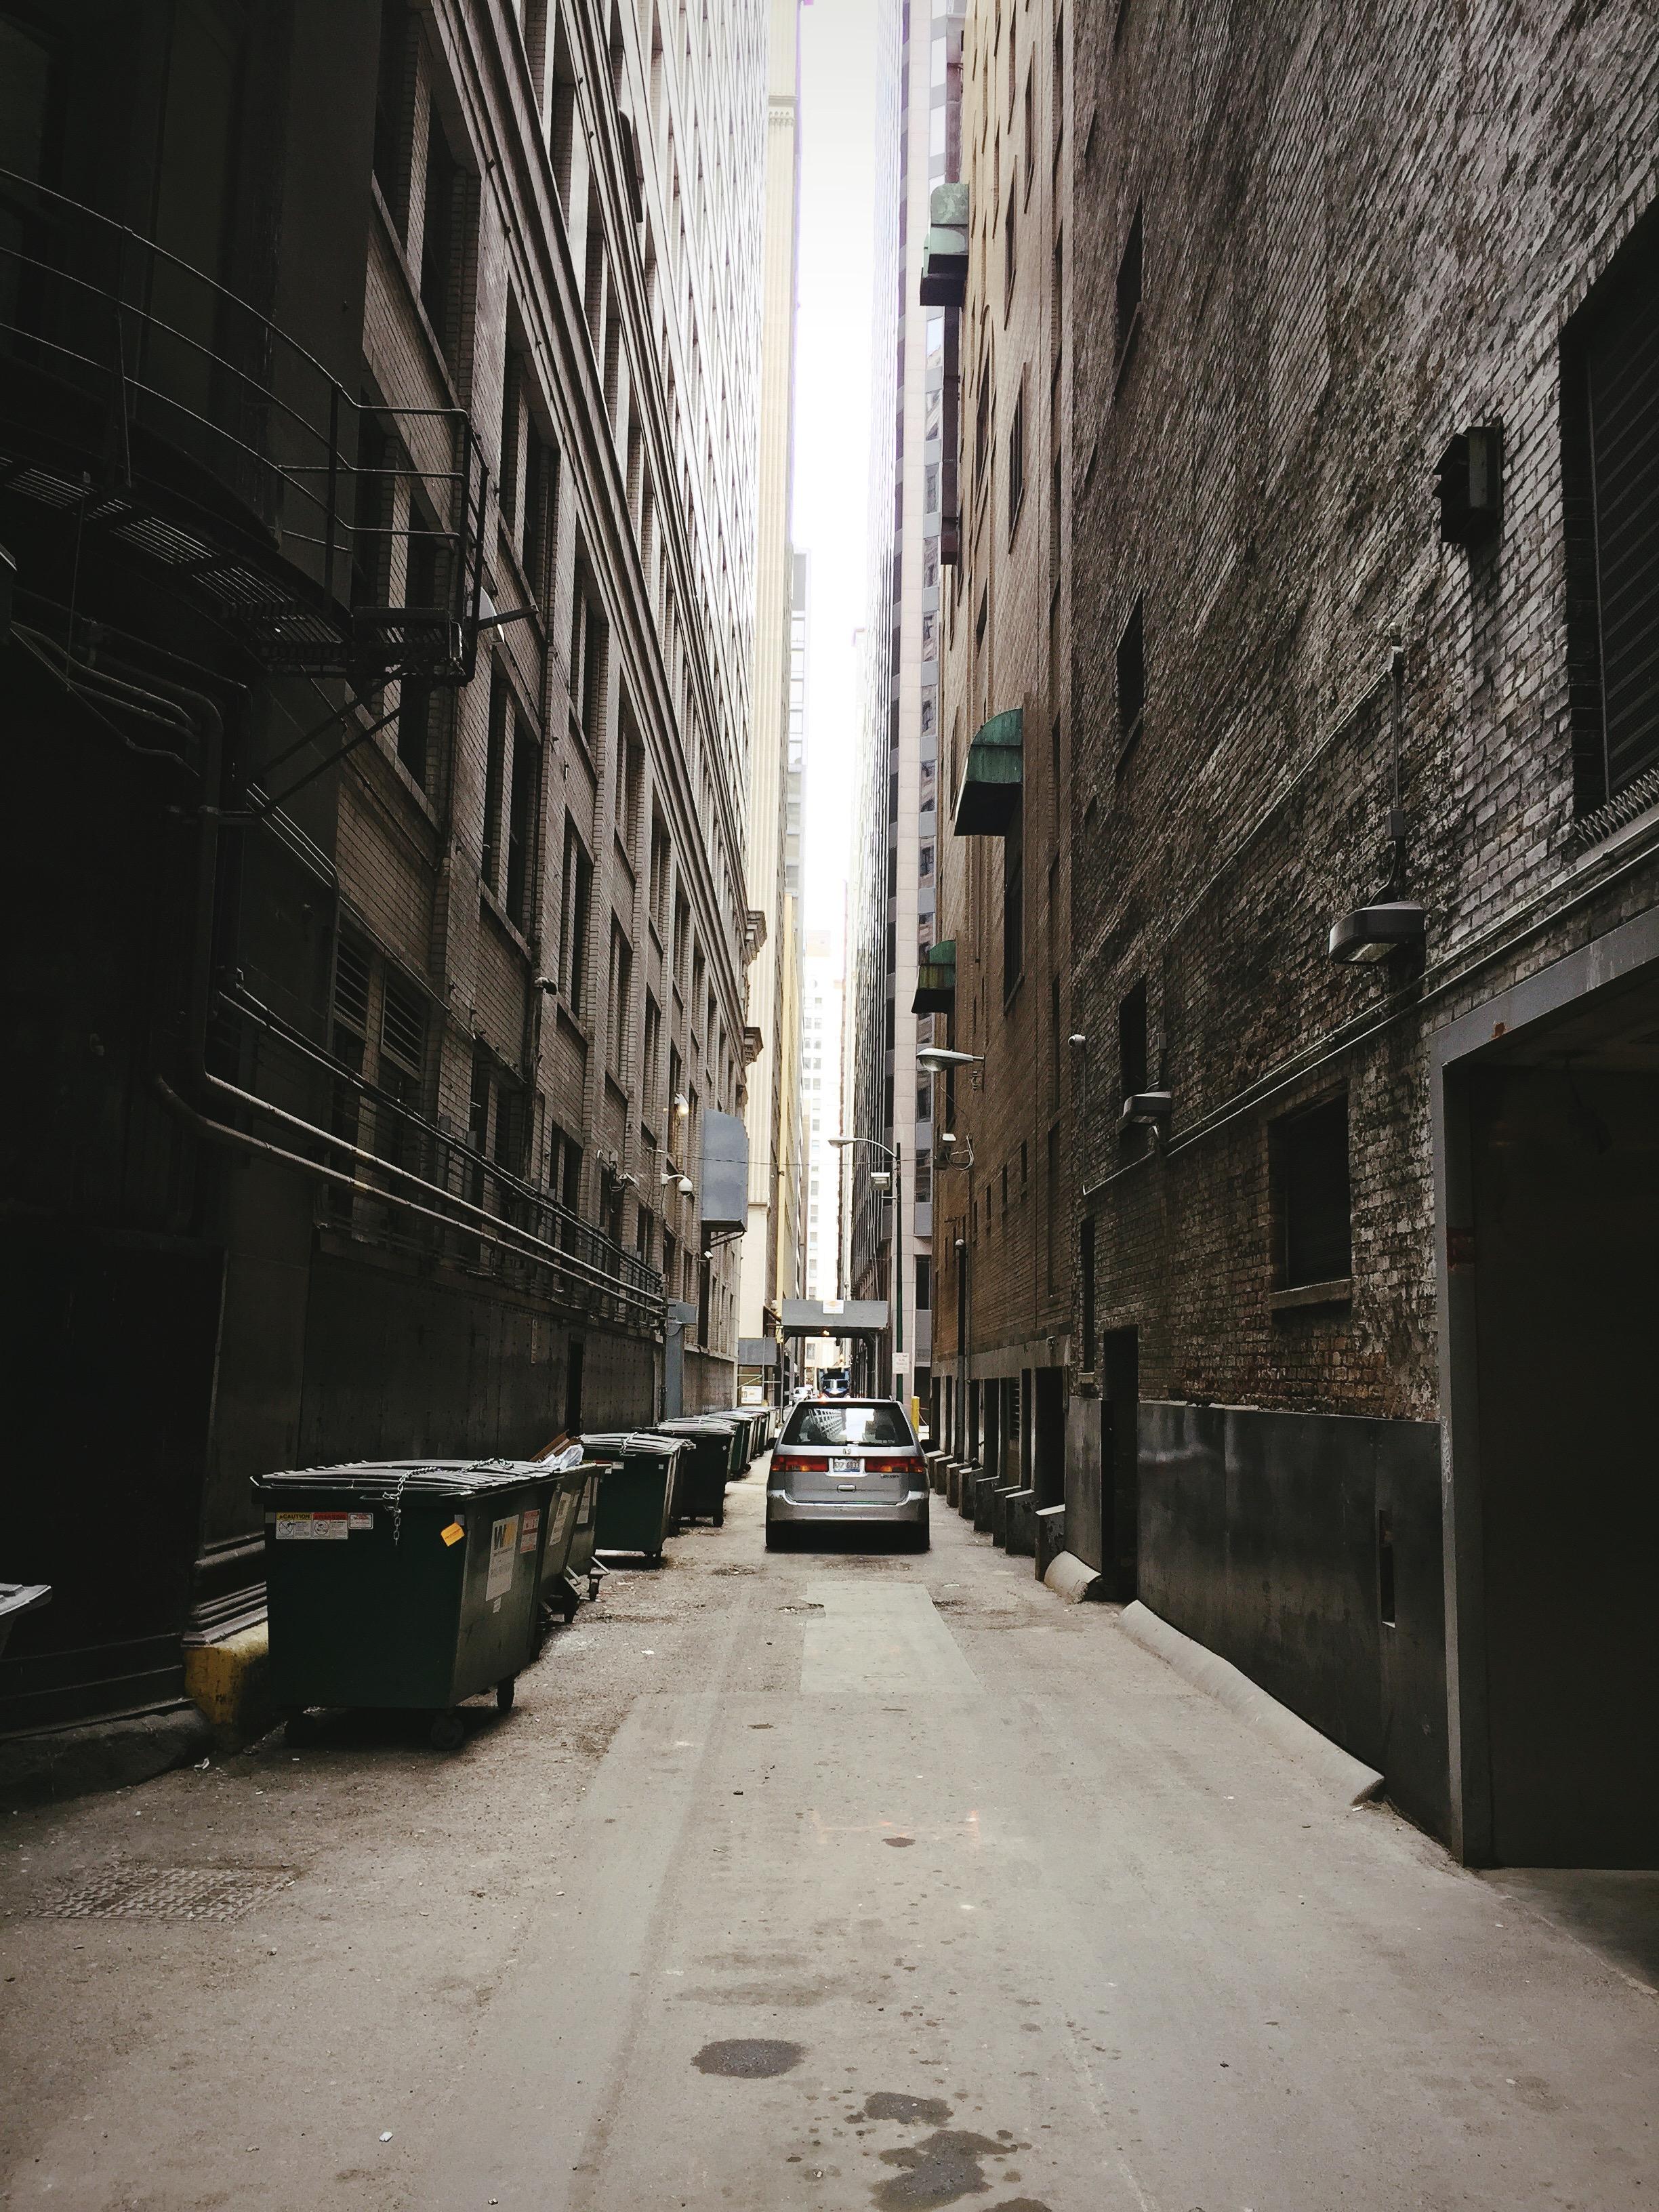 Alley, LaSalle & Washington